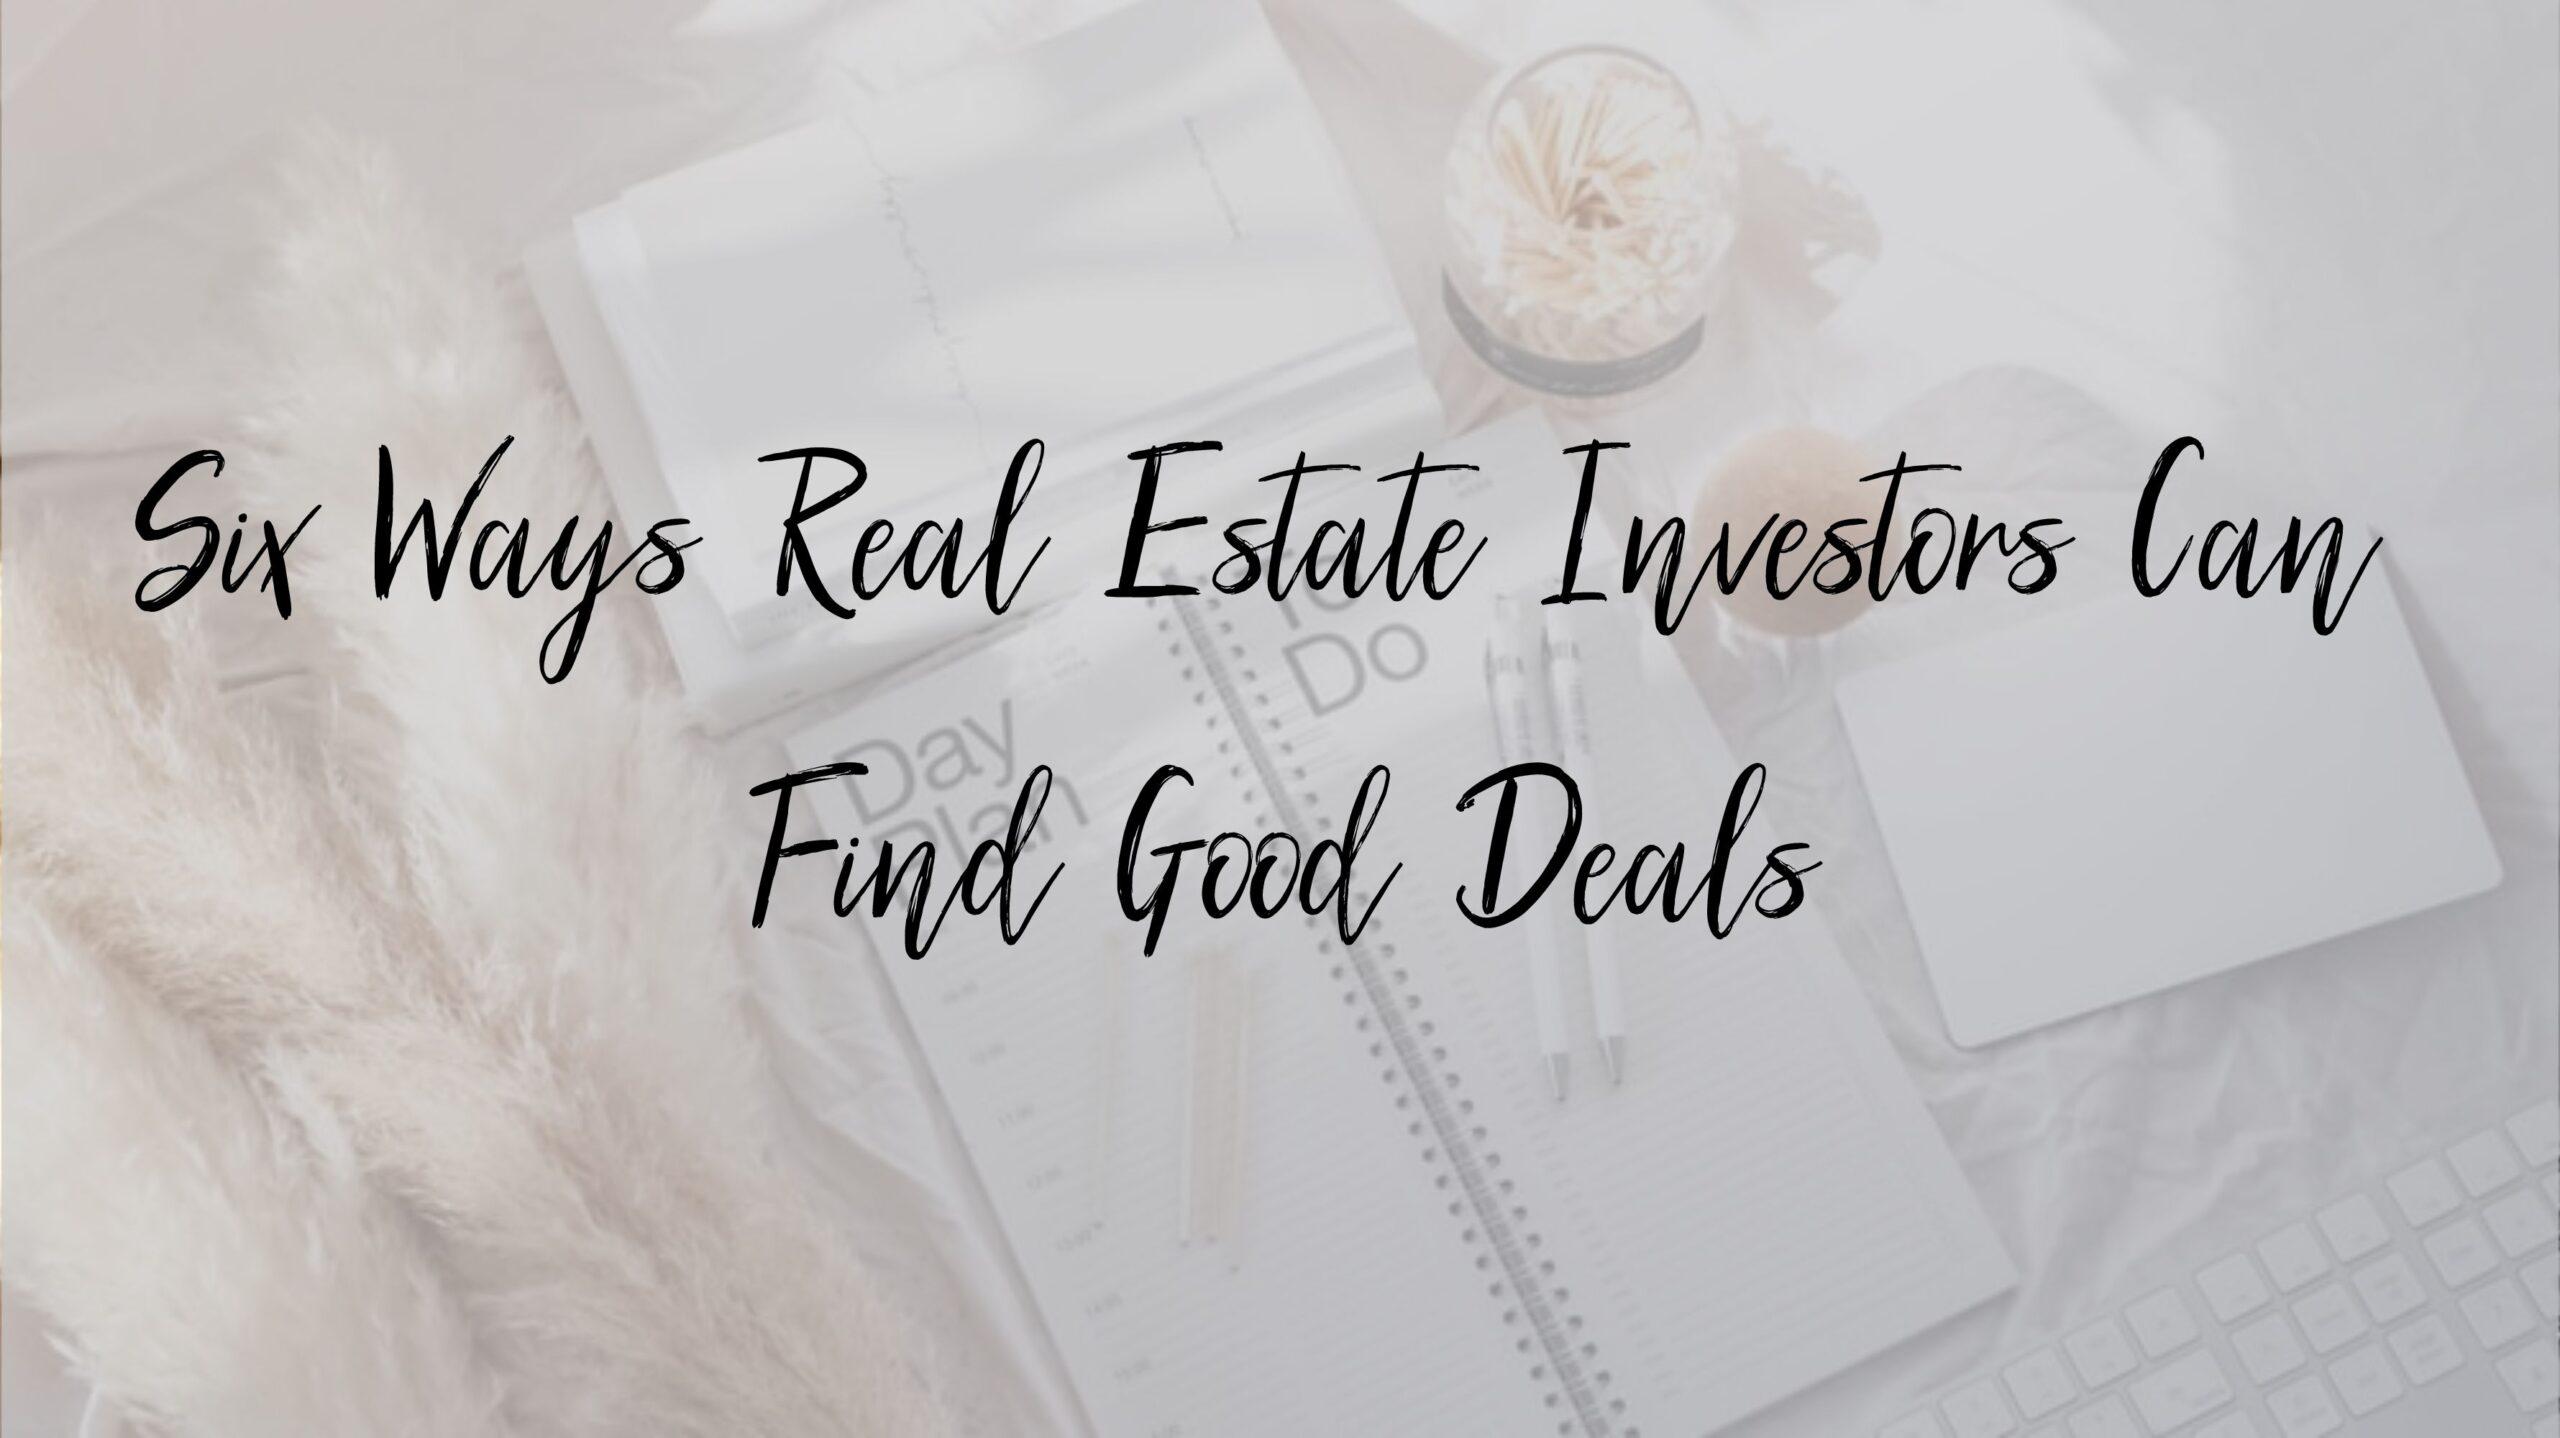 Six Ways Real Estate Investors Can Find Good Deals